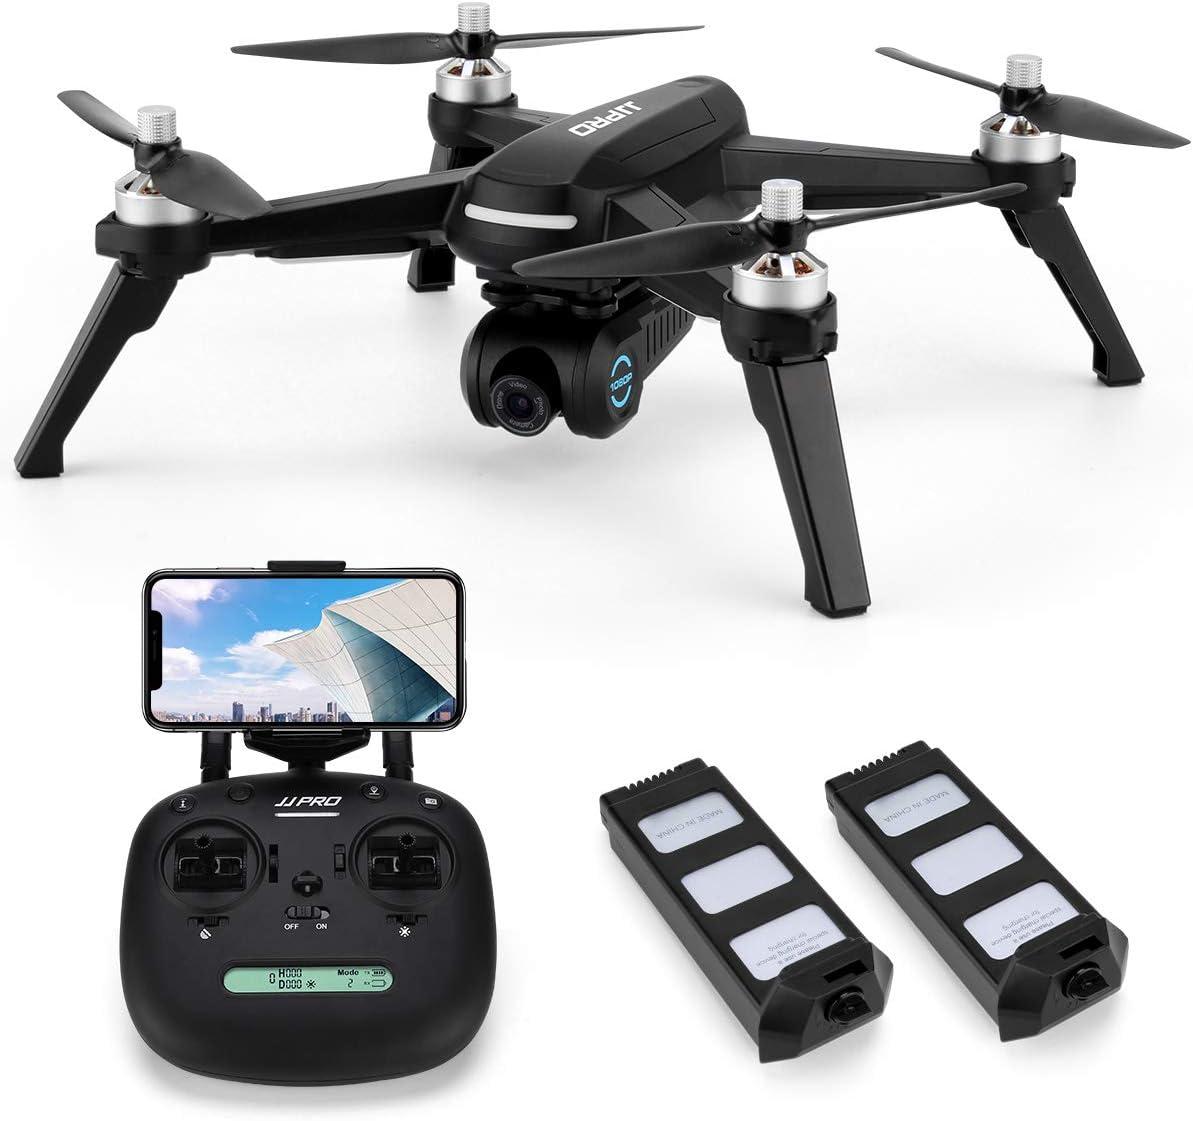 INKPOT JJRC JJPRO X5 GPS Drone con cámara HD Video en Vivo y GPS Regreso a casa Quadcopter con Motor sin escobillas y cámara Ajustable de 90 °, Sígueme, Largo Rango de Control, Altitud Hold (Negro)